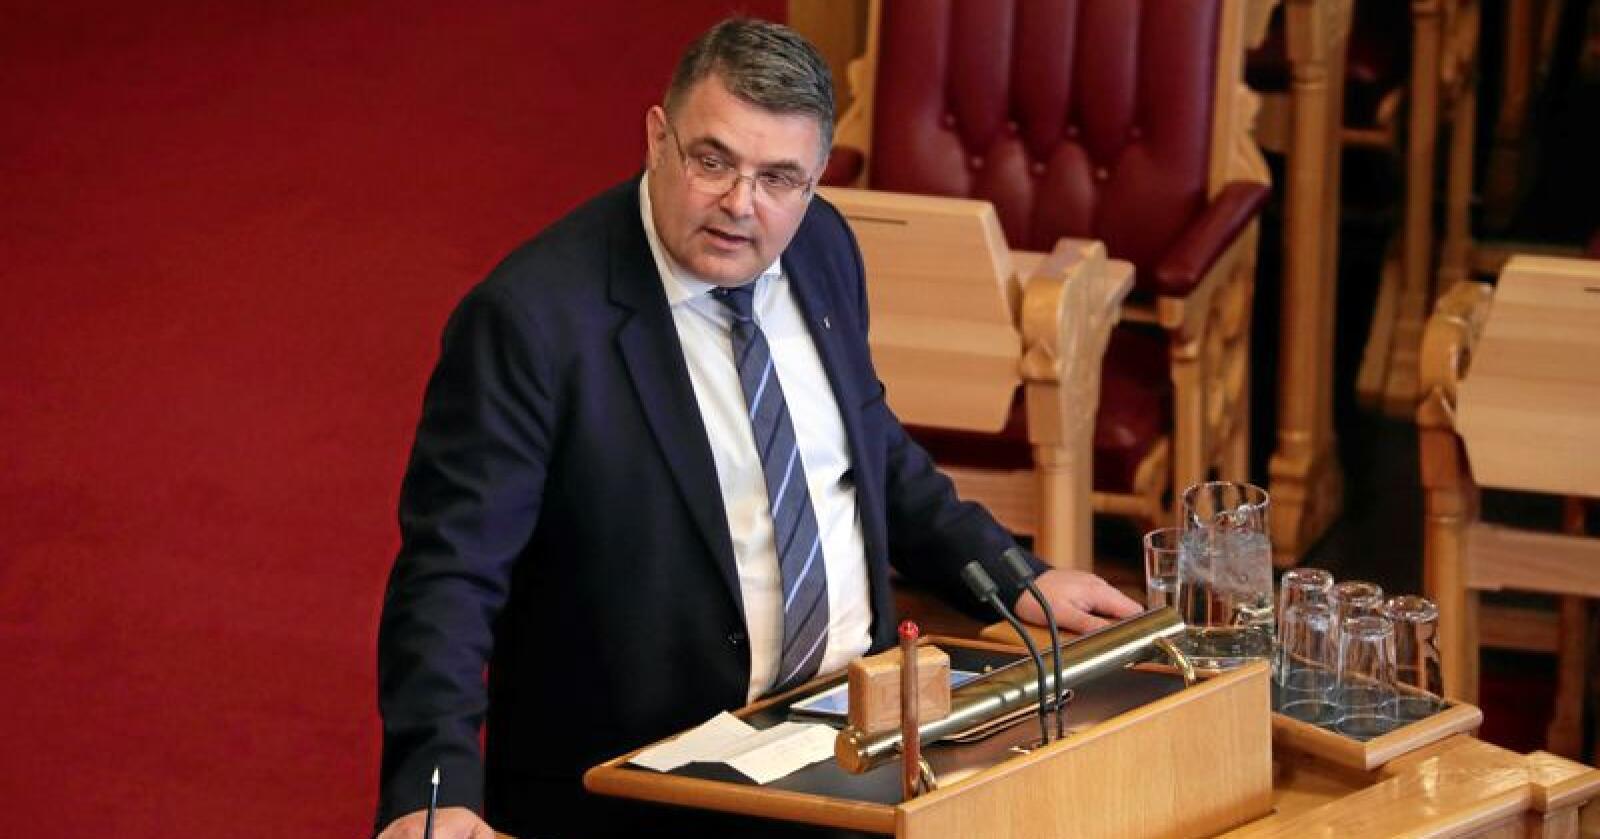 Olje- og energiminister: Kjell-Børge Freiberg bør være mer etterettelig når EUs fjerde energipakke kommer til behandling i Stortinget enn han er i den offentlige debatten nå. Foto: Cornelius Poppe / NTB scanpix